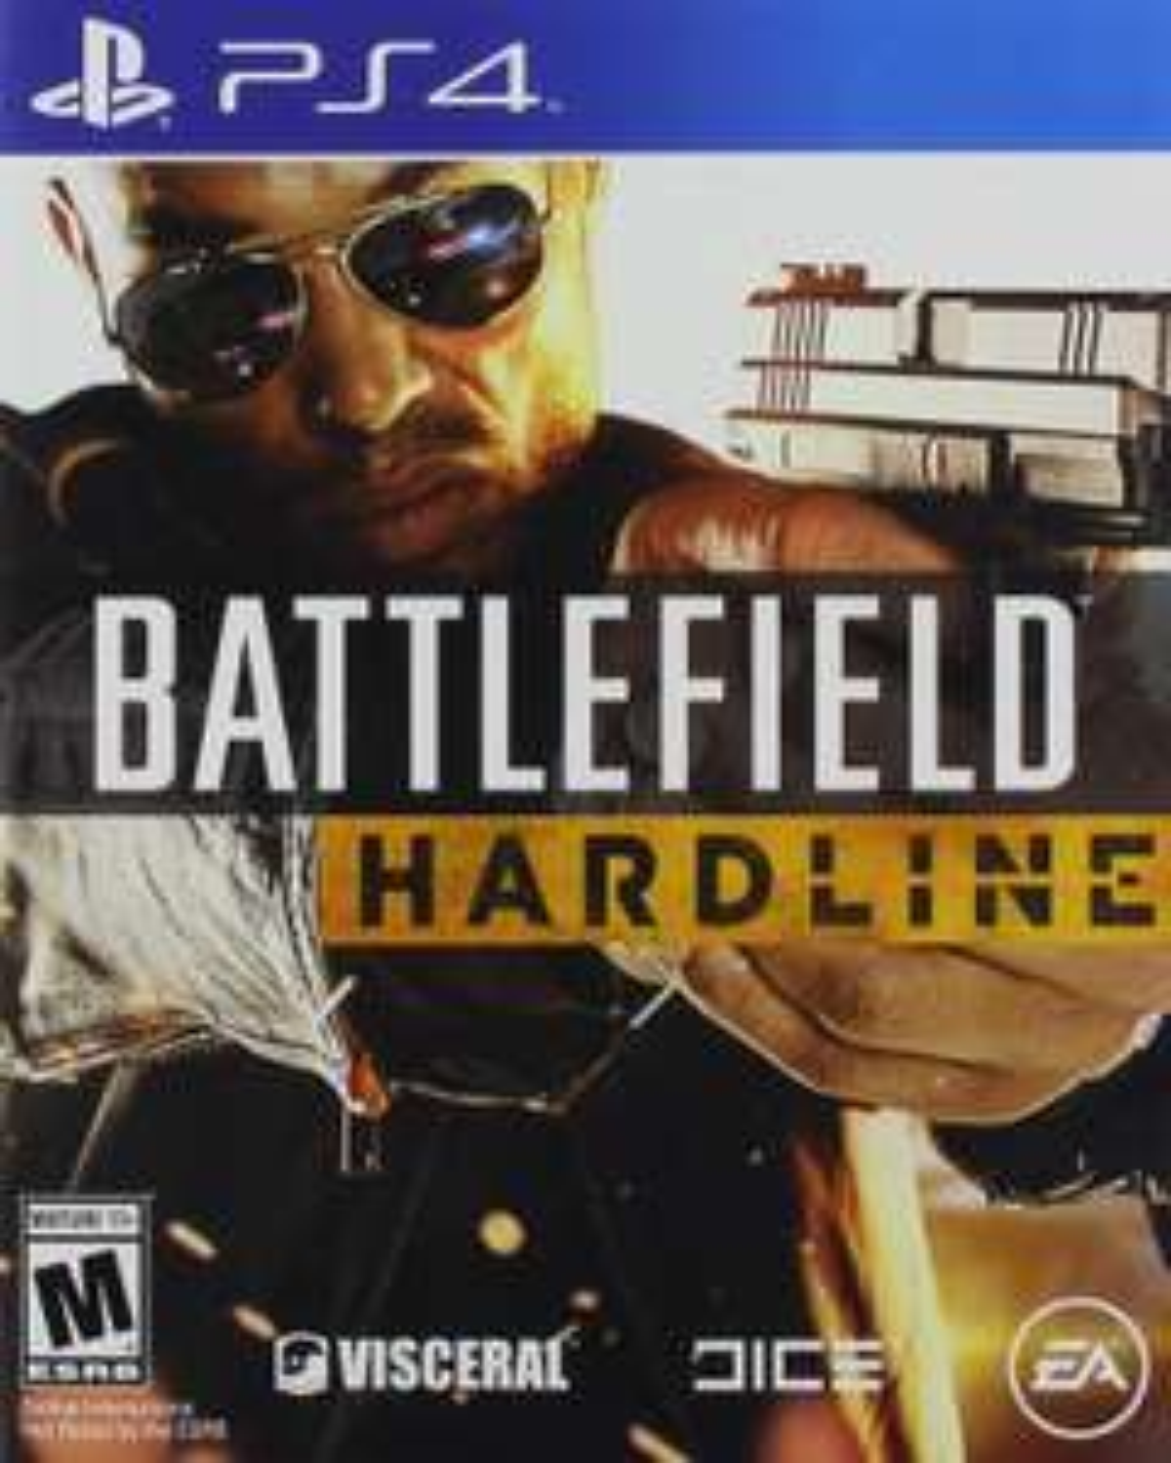 Amazon MX: Battlefield Hardline para Xbox 360, PS3 y PS4 a $299 y Uncharted 3 para PS3 a $239